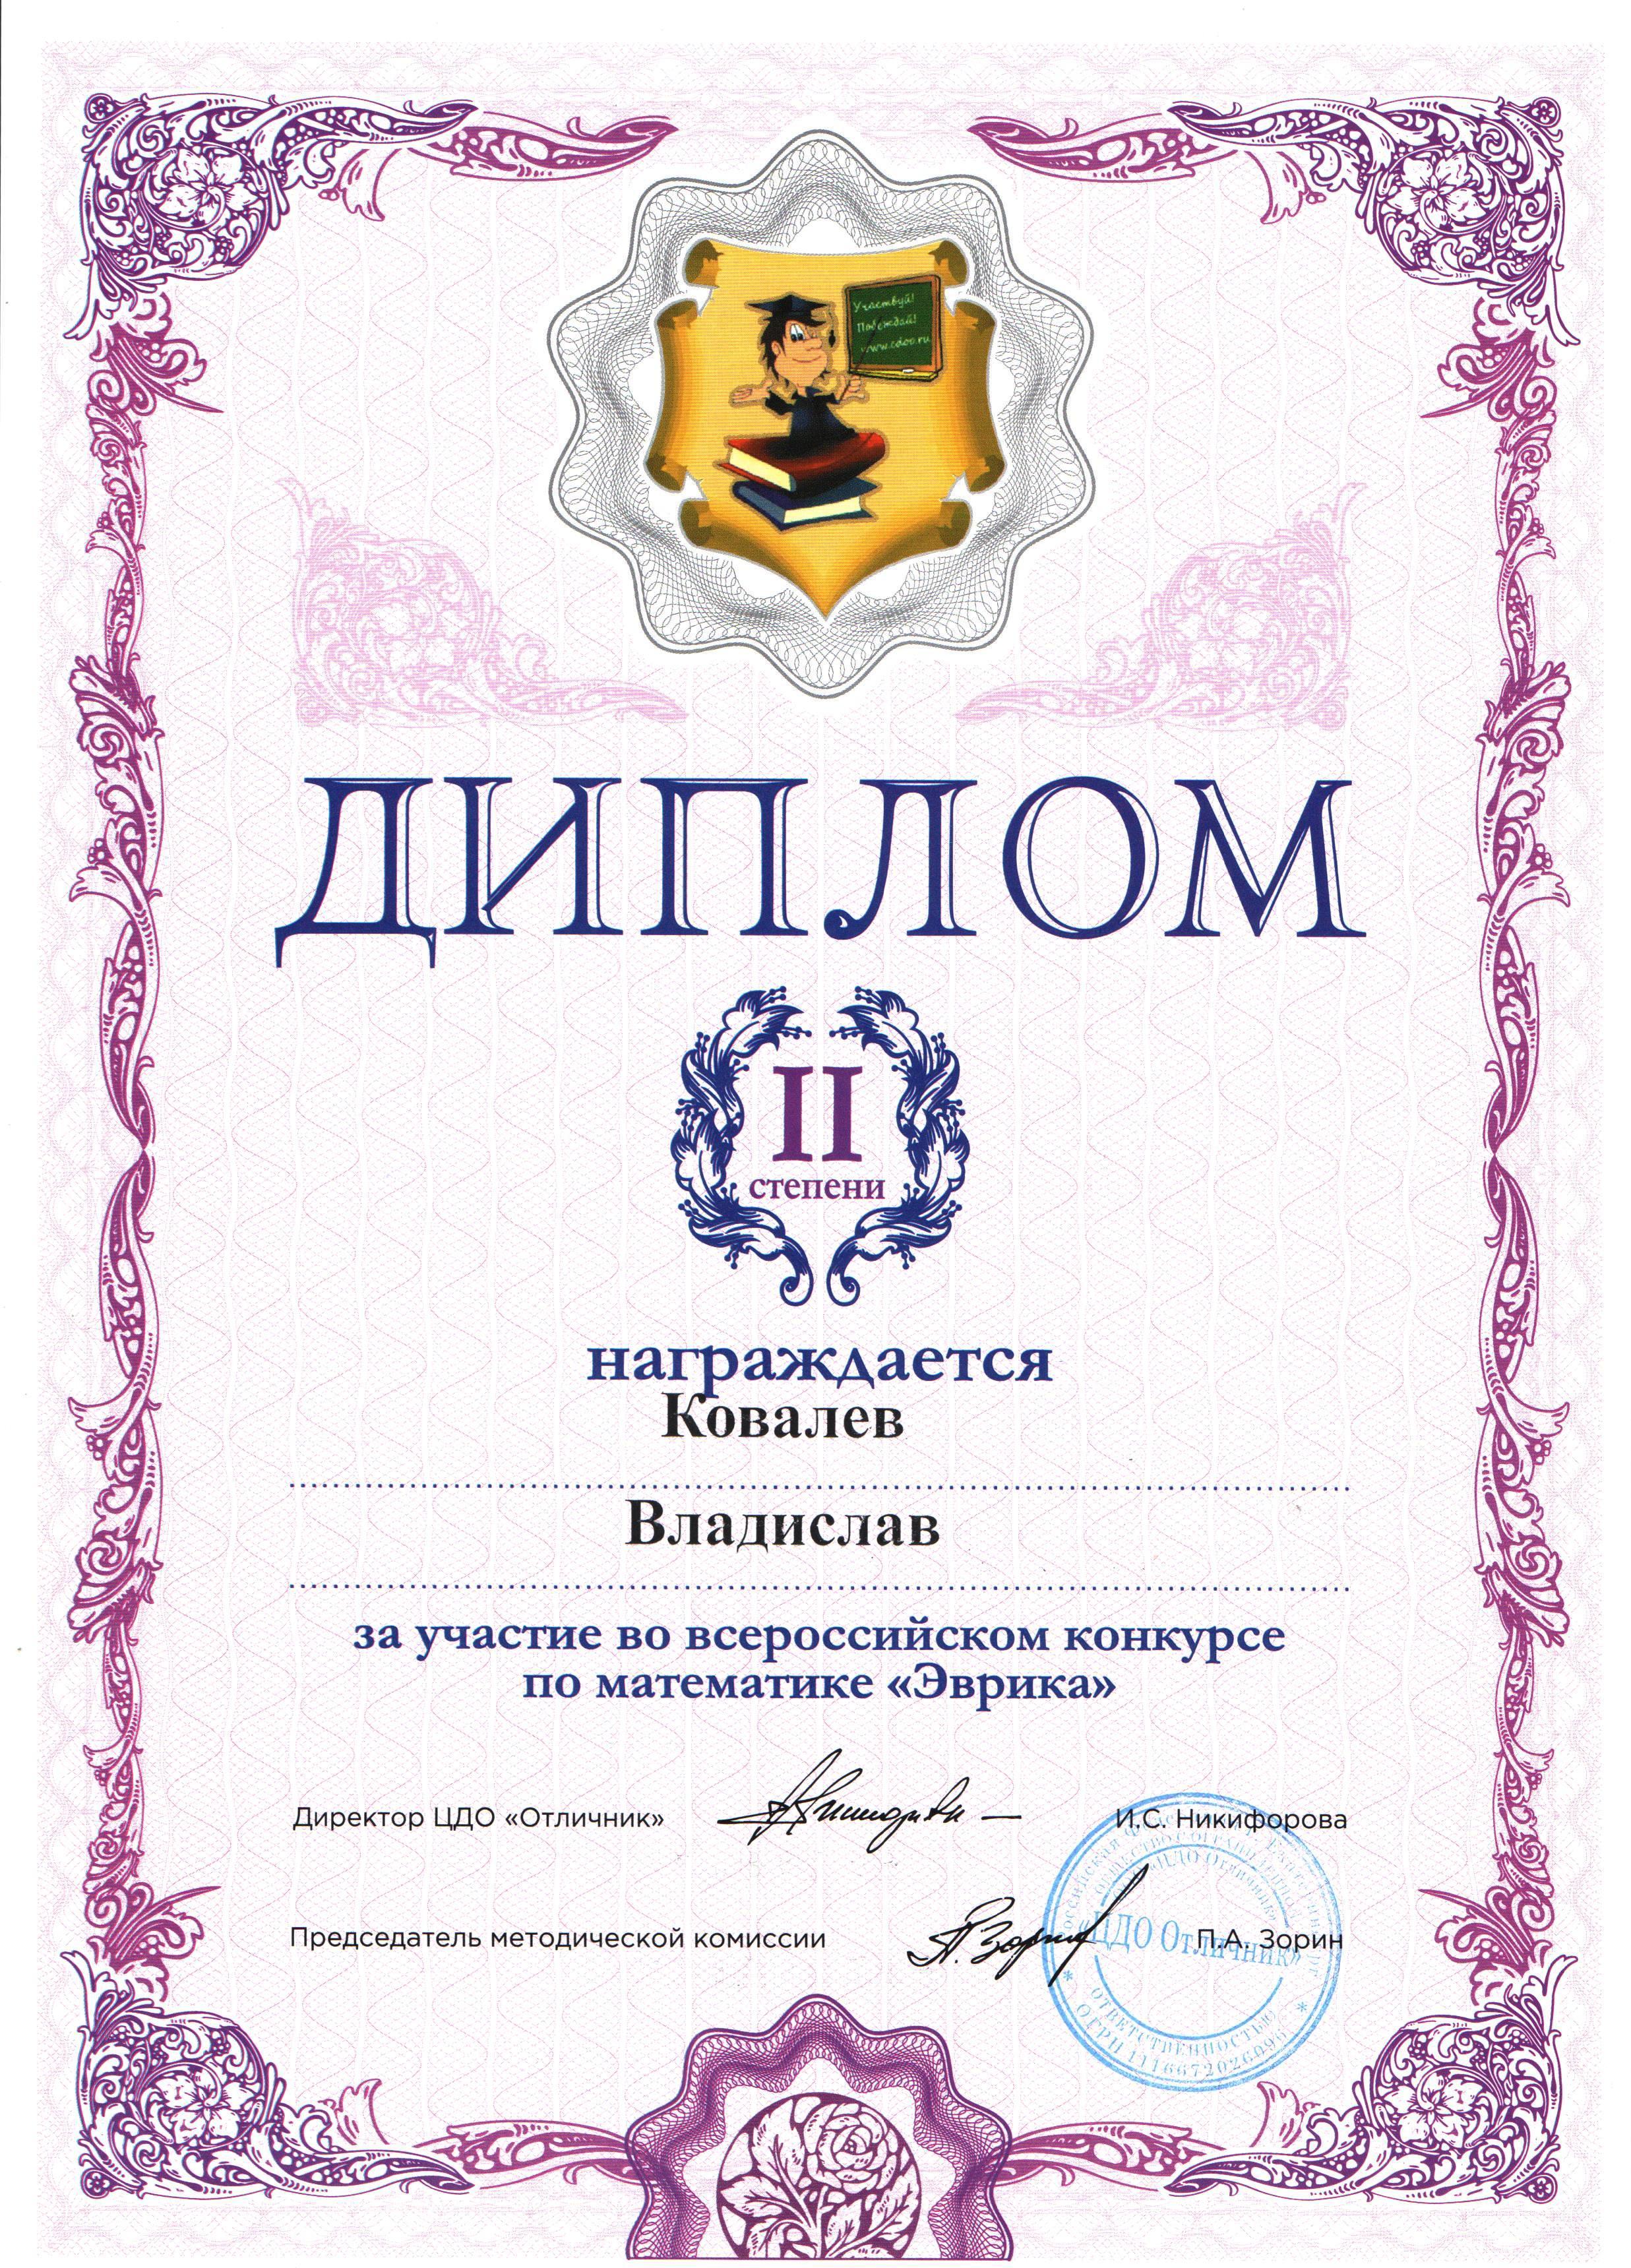 ковалев 001